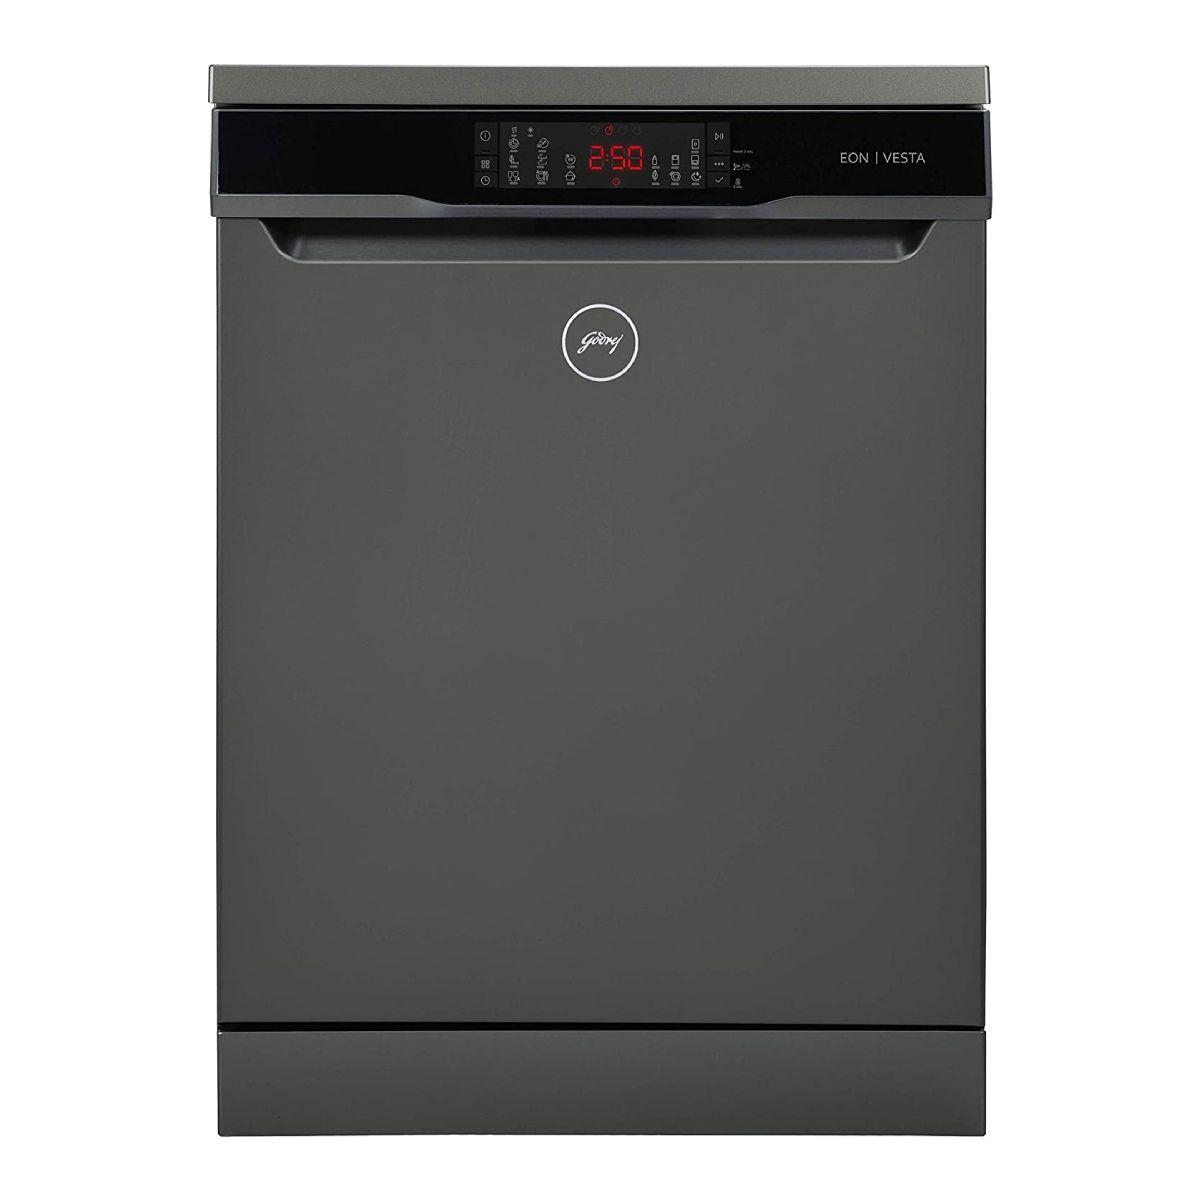 ഗോദ്റെജ് Eon Dishwasher DWF EON VES 12B UTI GPGR